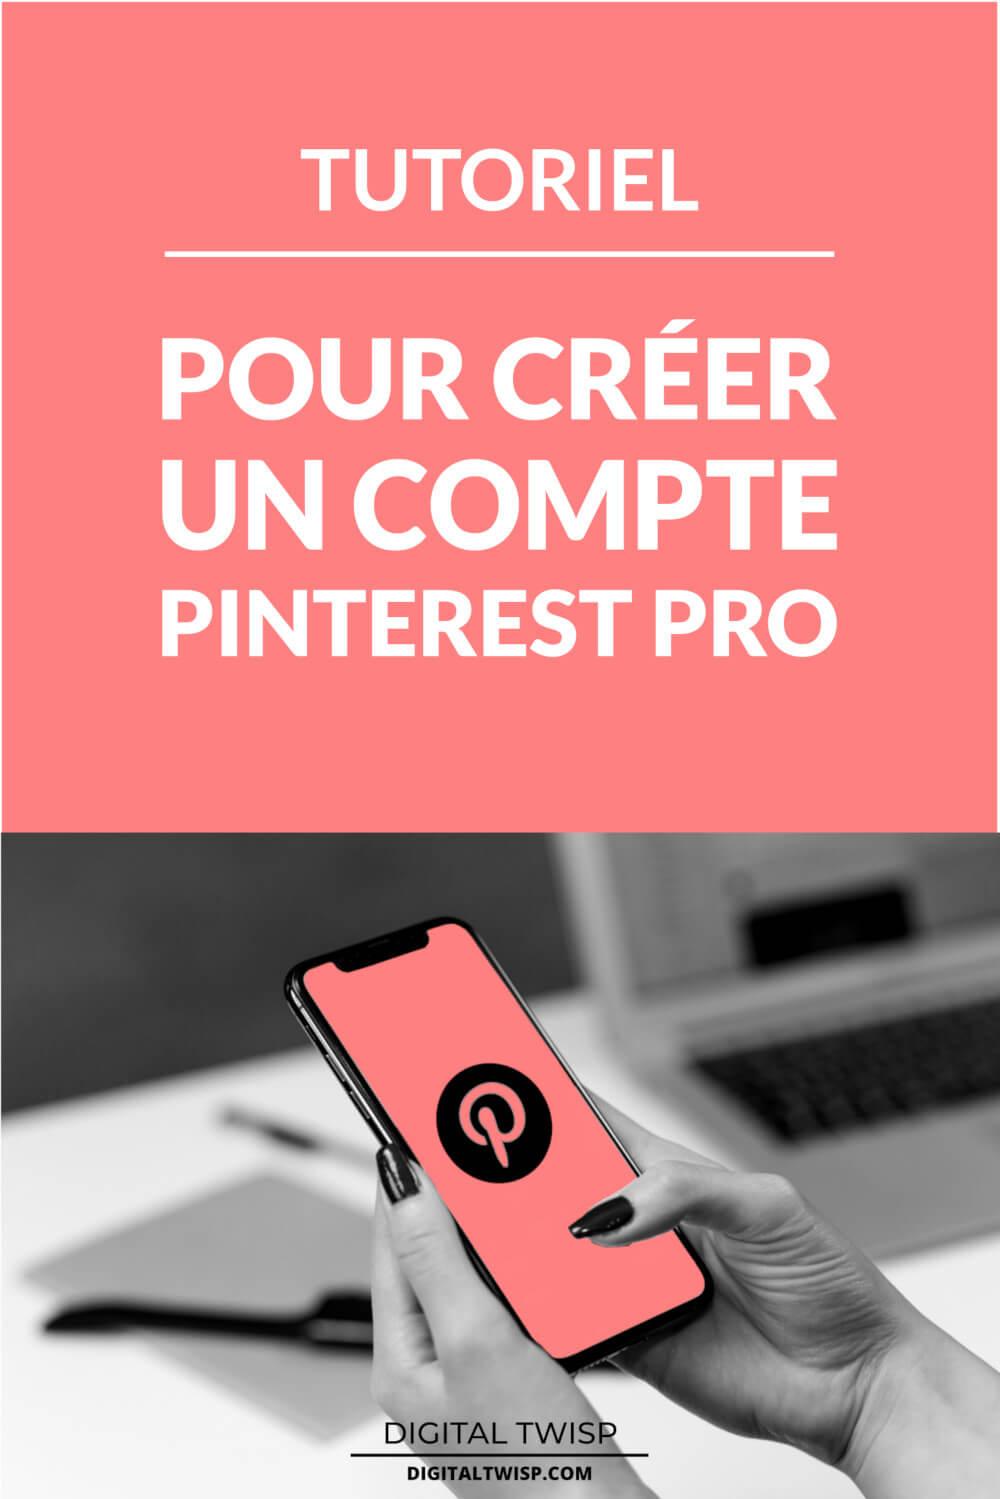 Tutoriel: comment créer un compte Pinterest professionnel